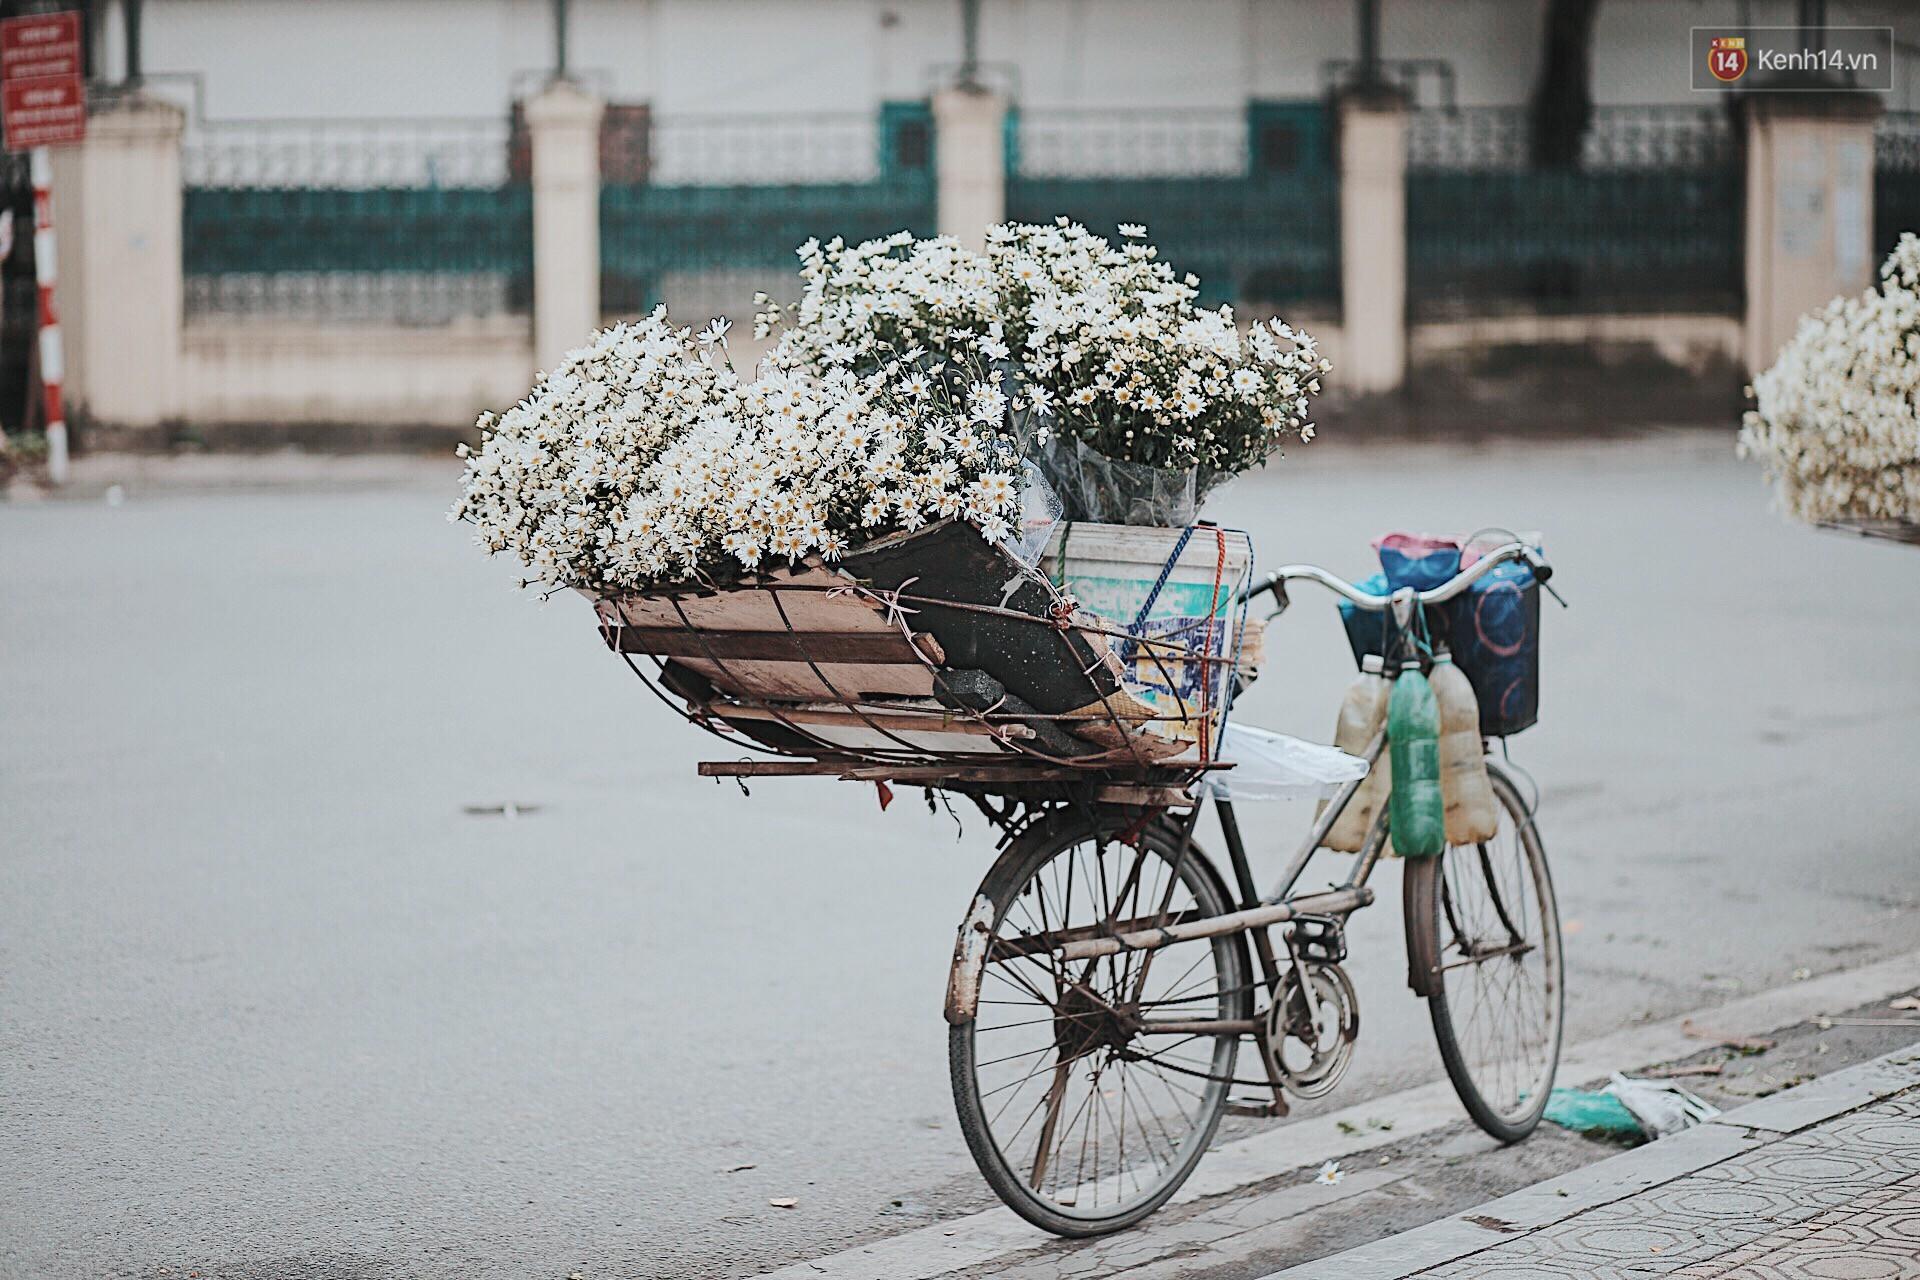 Đông về Hà Nội có mong gì đâu, chỉ chờ một mùa cúc họa mi trên phố - Ảnh 2.